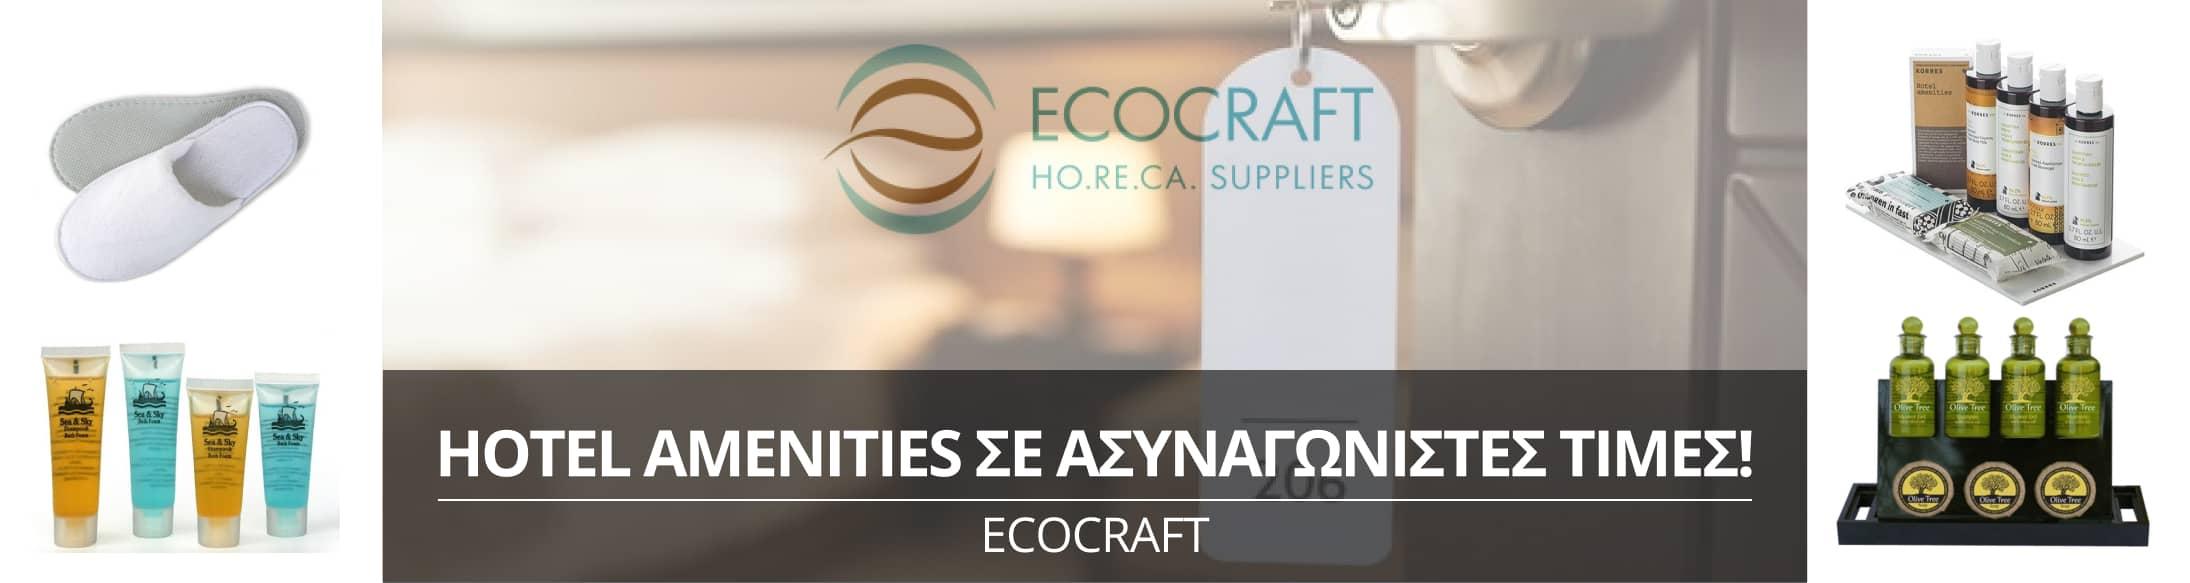 Είδη Ξενοδοχείου | Hotel Amenities | Βρείτε στην ecocraft ο,τι χρειάζεστε για τον ξενοδοχειακό σας εξοπλισμό !